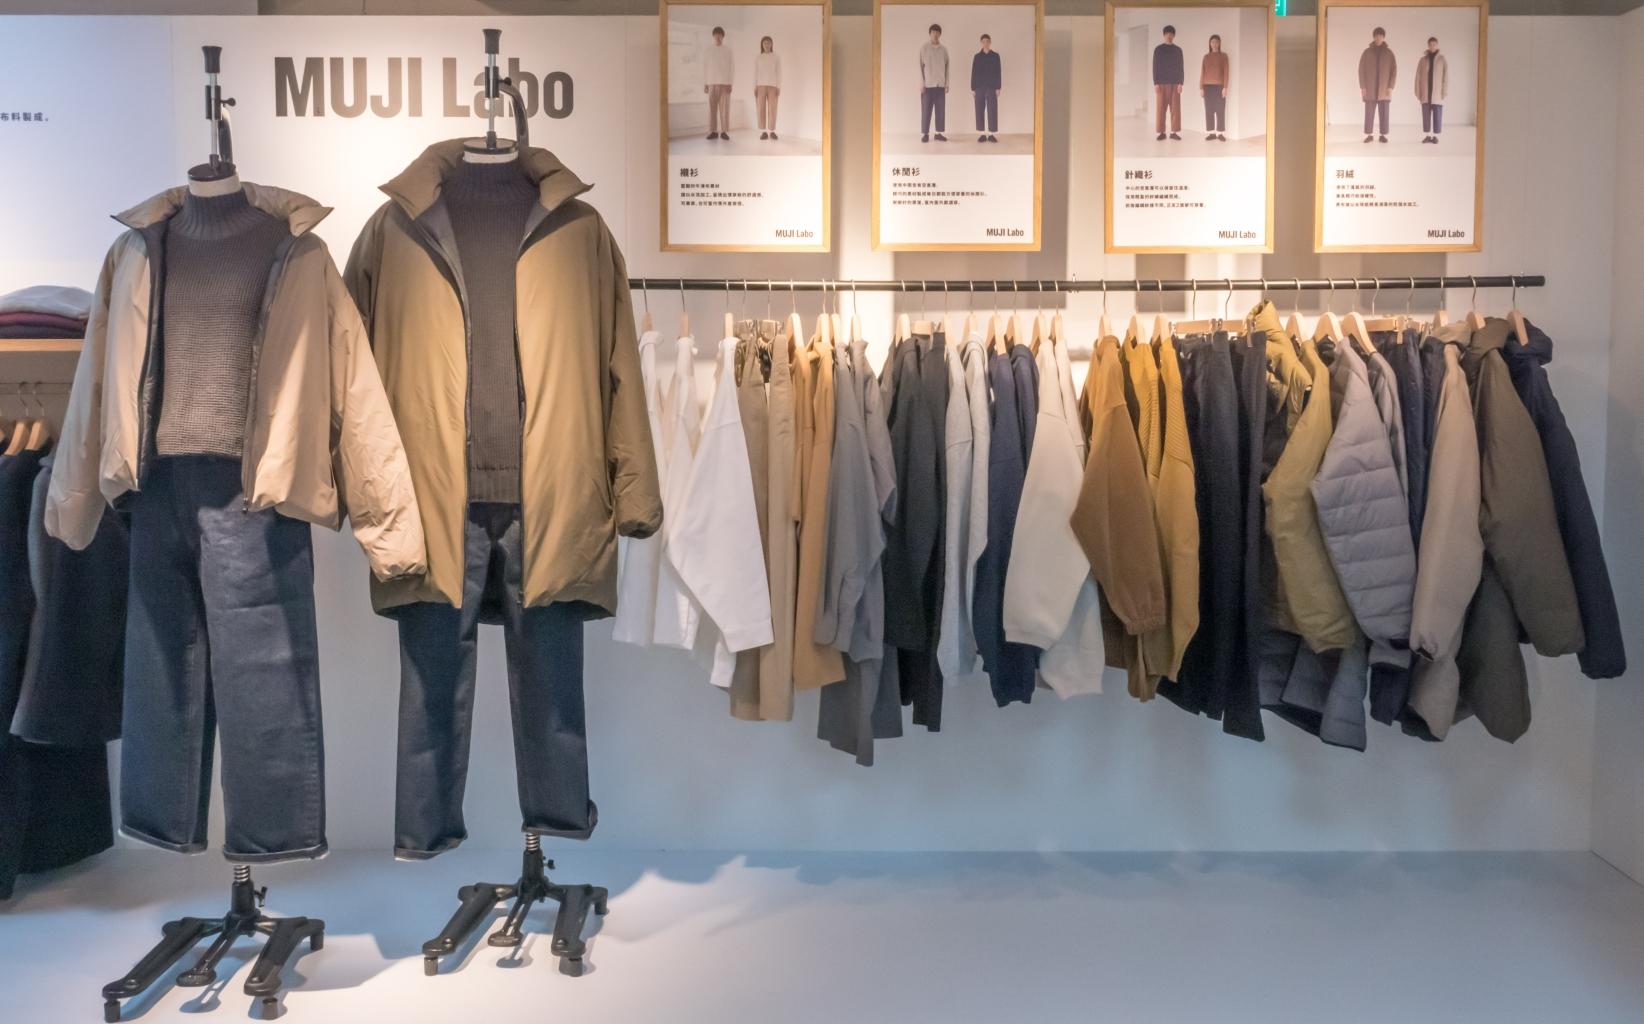 Muji Labo除了強調服飾設計與素材選用外,今年秋冬延續上半年的設計思維,推出只分尺寸、不分性別的服飾系列。